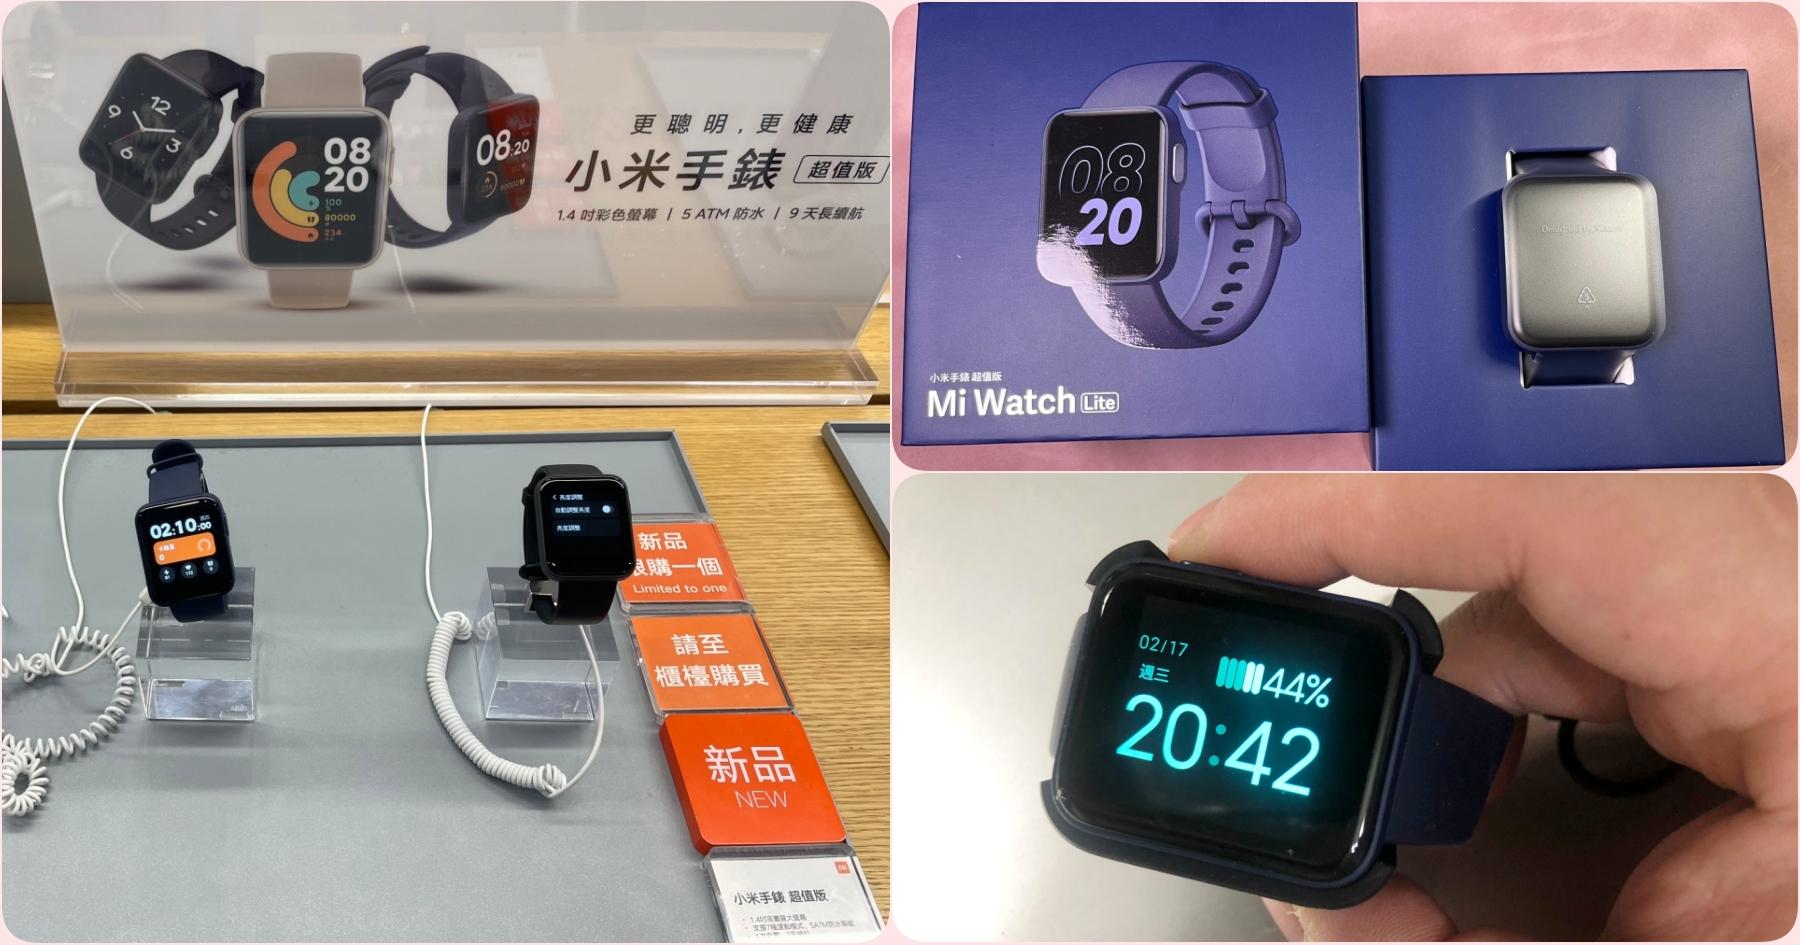 最新推播訊息:[3C]小米手錶超值版|擁有超大1.4吋彩色方形螢幕、心率檢測、GPS定位的超值運動手錶推薦